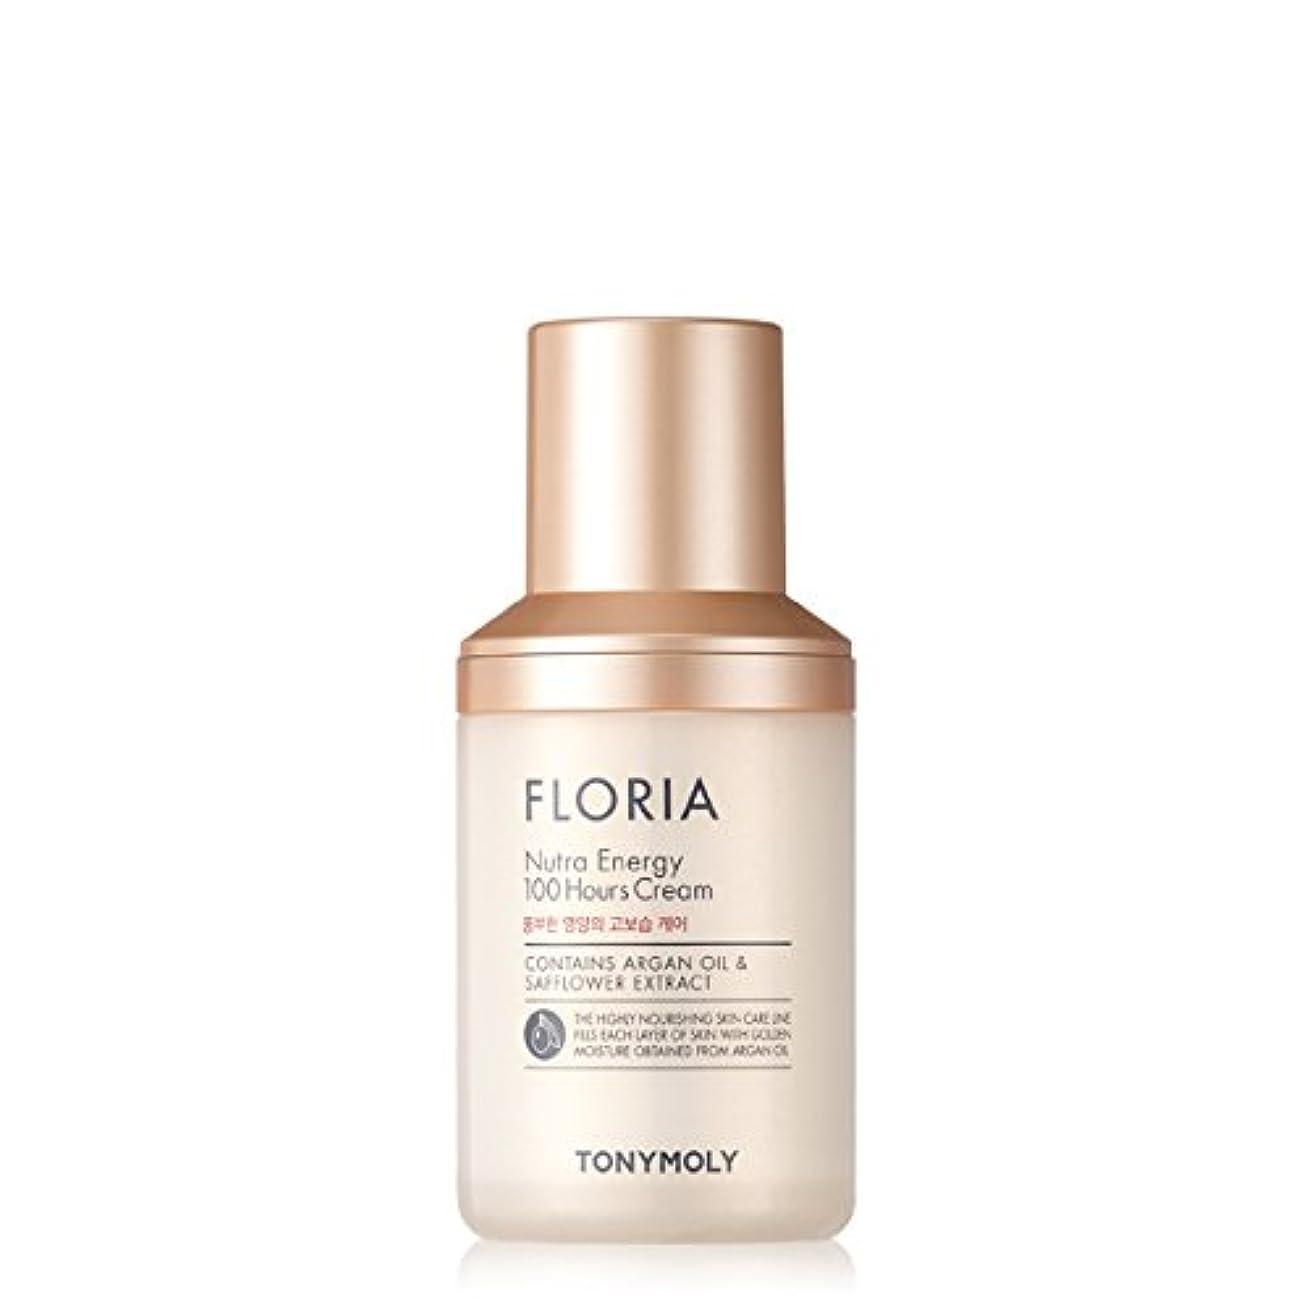 解釈する製作隔離する[NEW] TONY MOLY Floria Nutra energy 100 hours Cream 50ml トニーモリー フローリア ニュートラ エナジー 100時間 クリーム 50ml [並行輸入品]